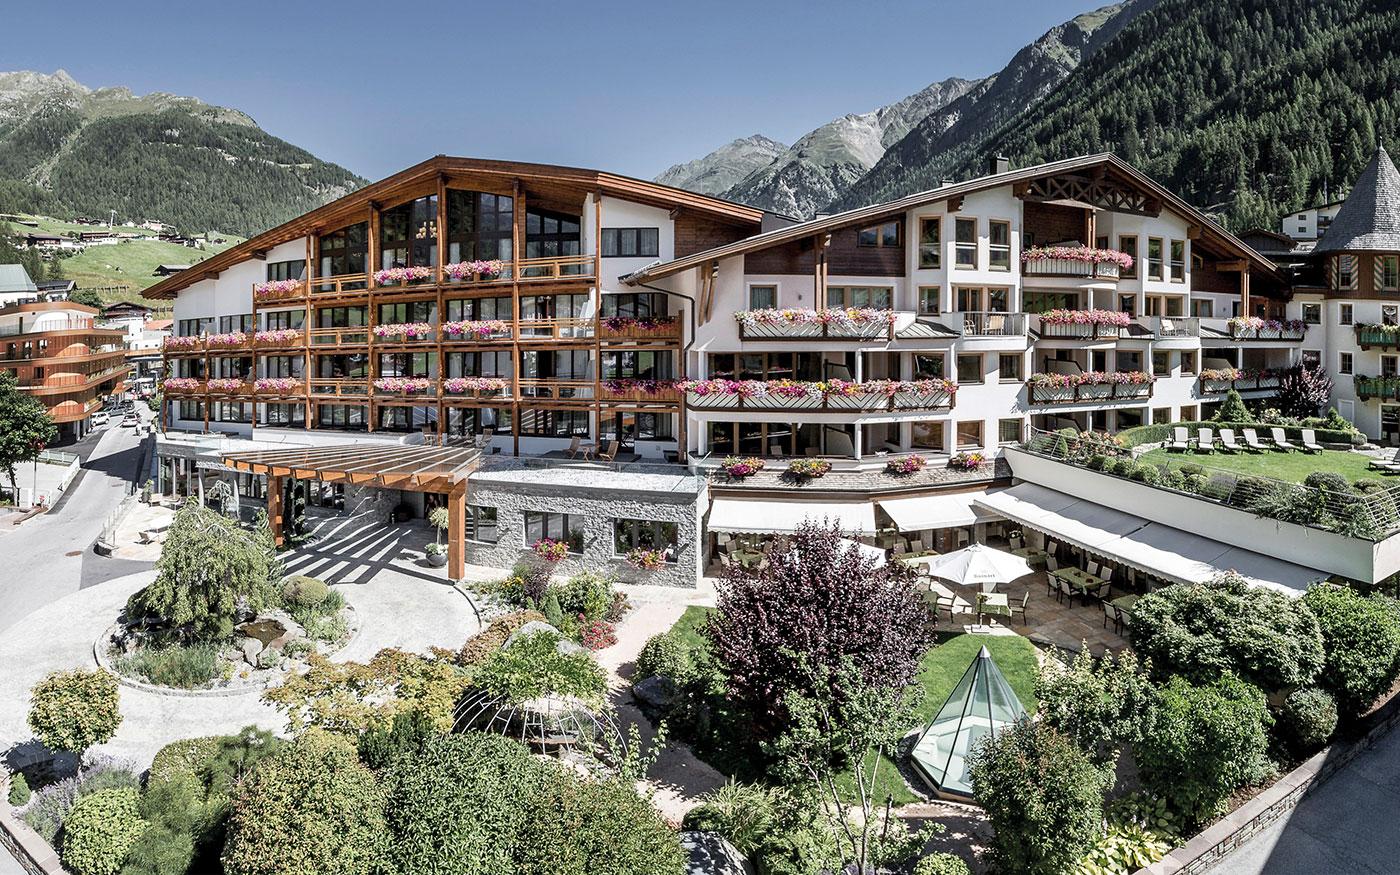 SuitePad für Ferienhotels in den Bergen